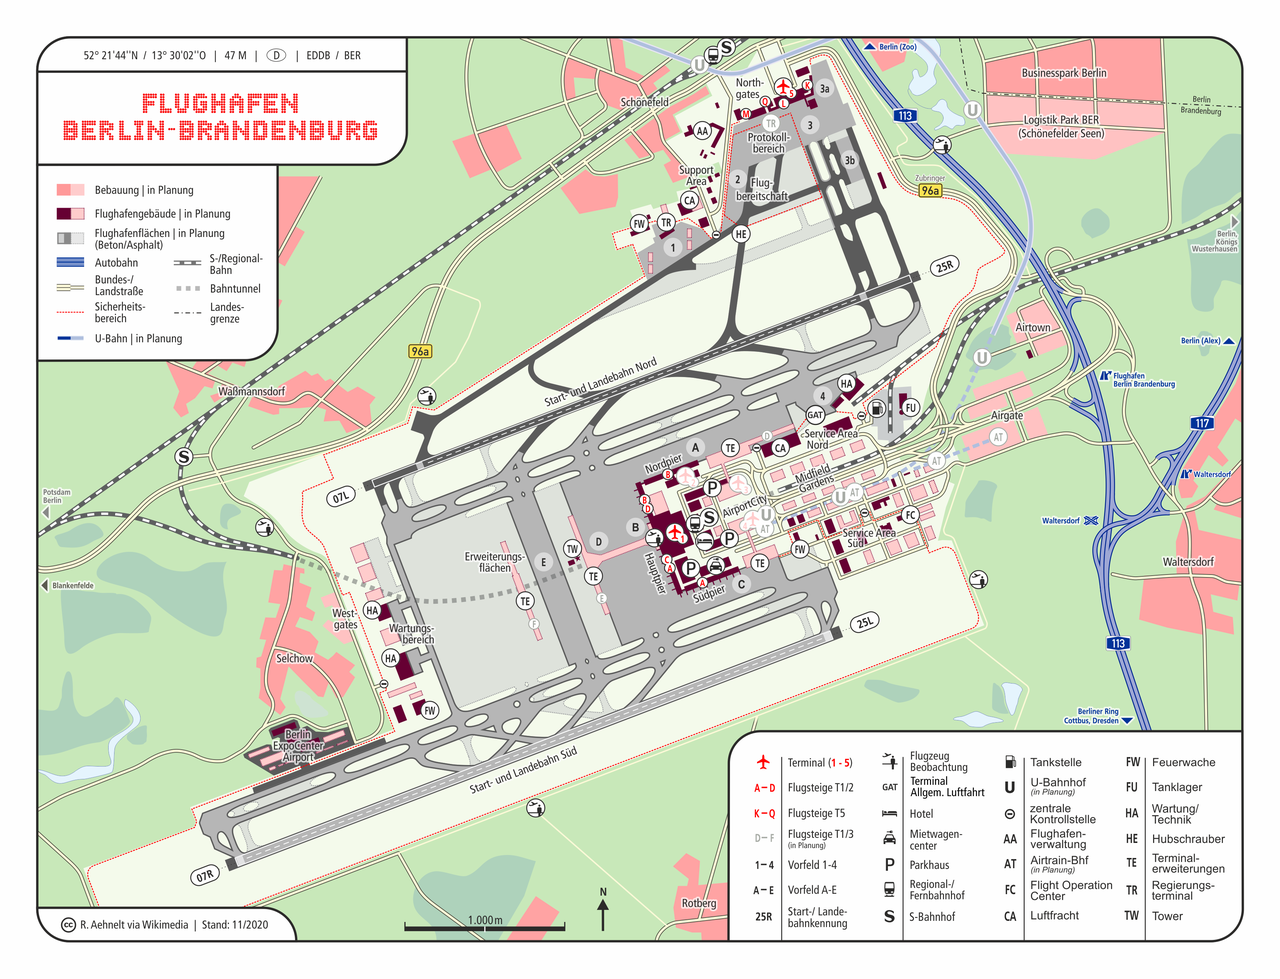 Flughafen Schonefeld Hotel Parken